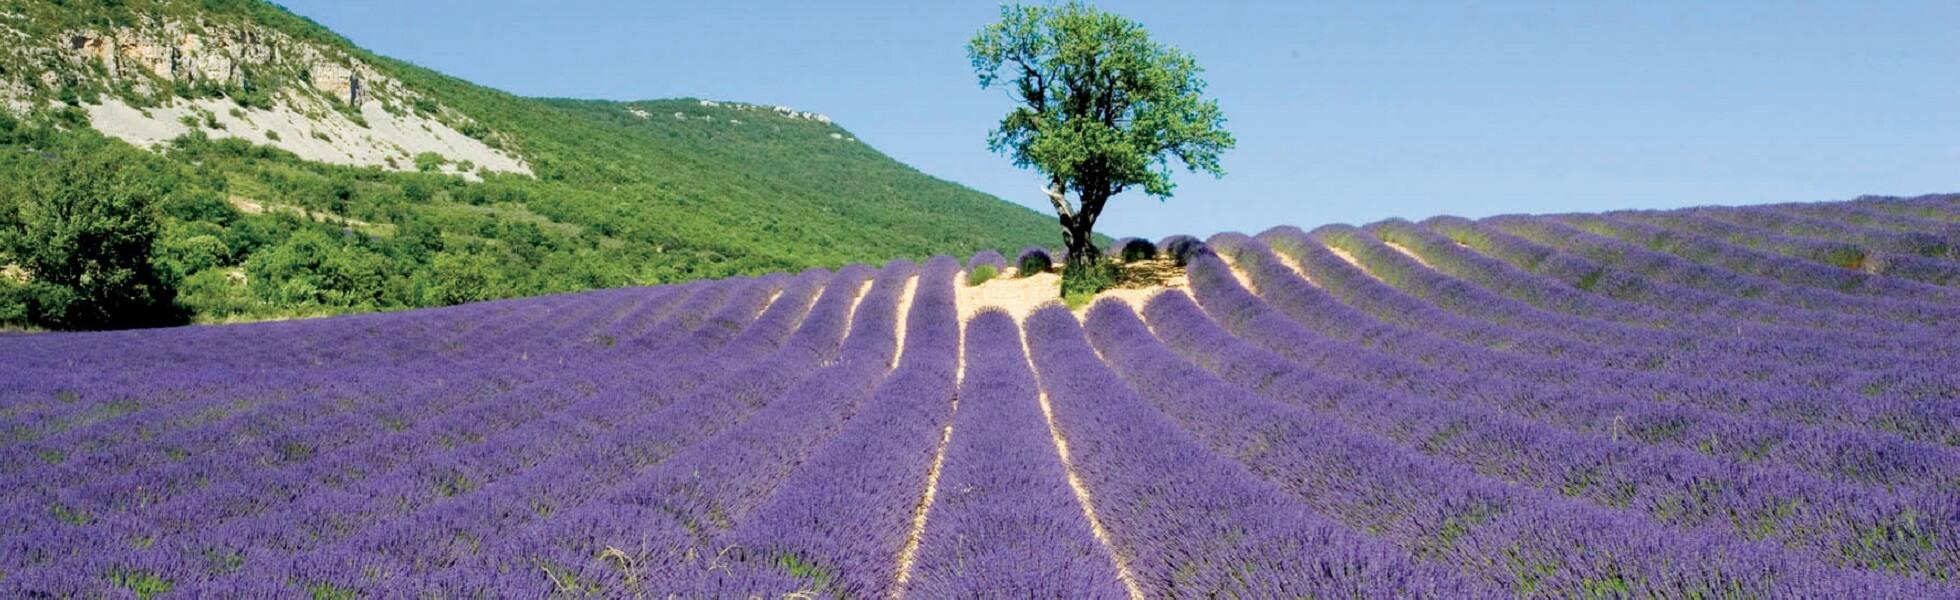 Les Lavandes Drôme Provençale – Rémuzat / Drôme